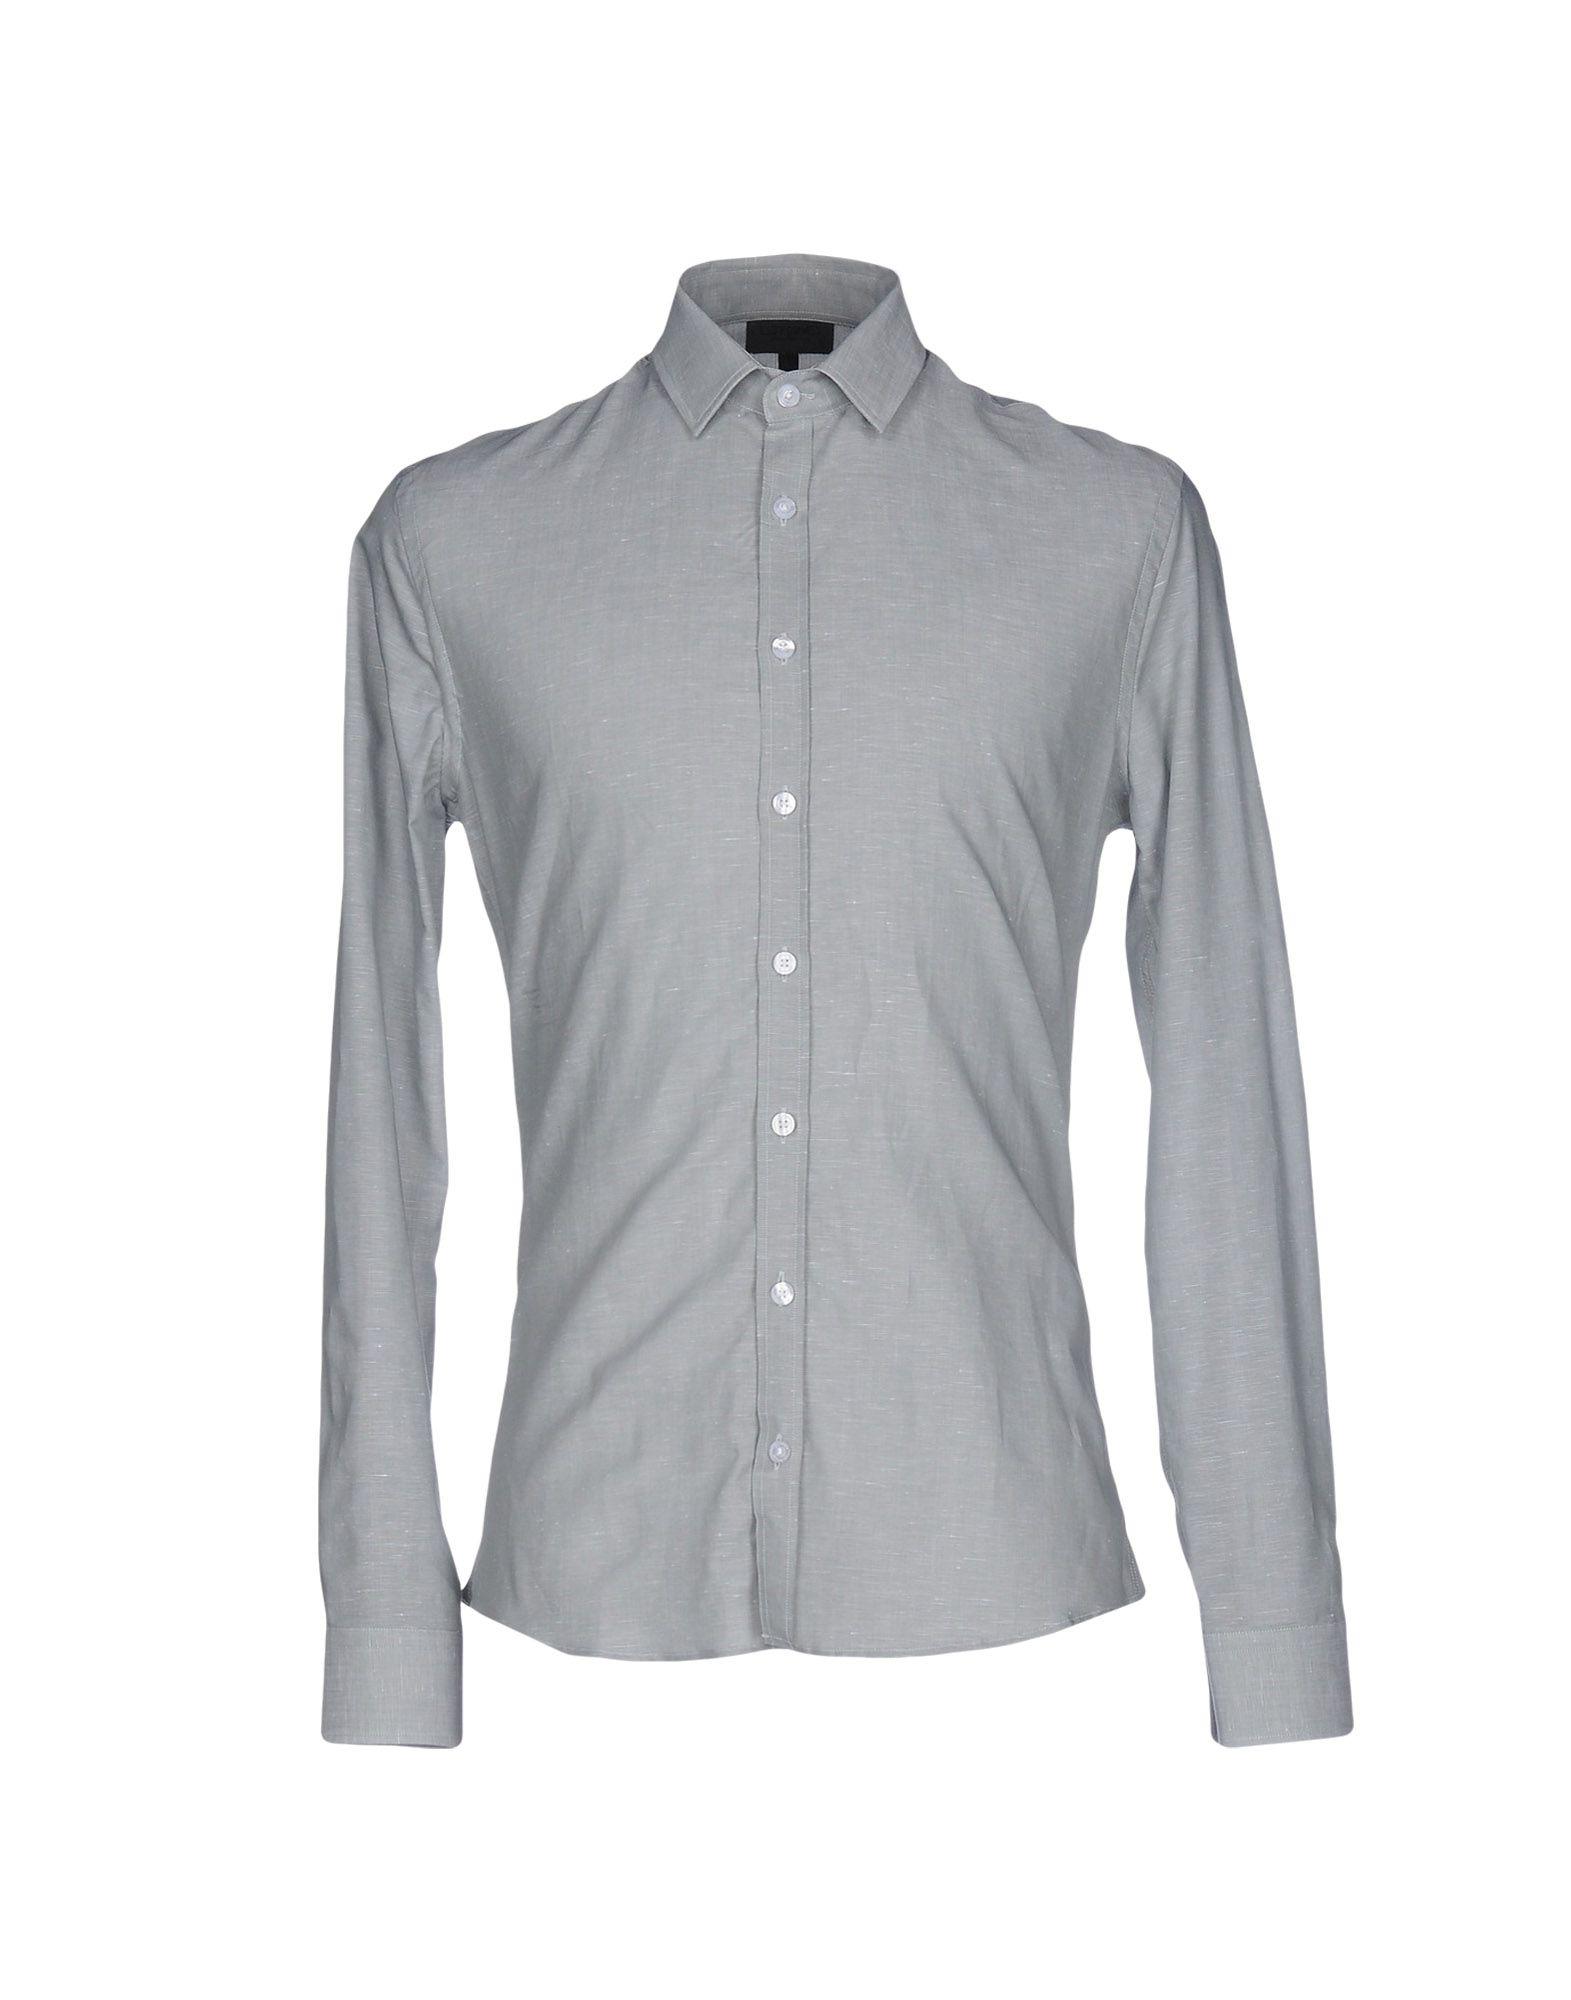 LES HOMMES Herren Hemd Farbe Hellgrau Größe 5 jetztbilligerkaufen